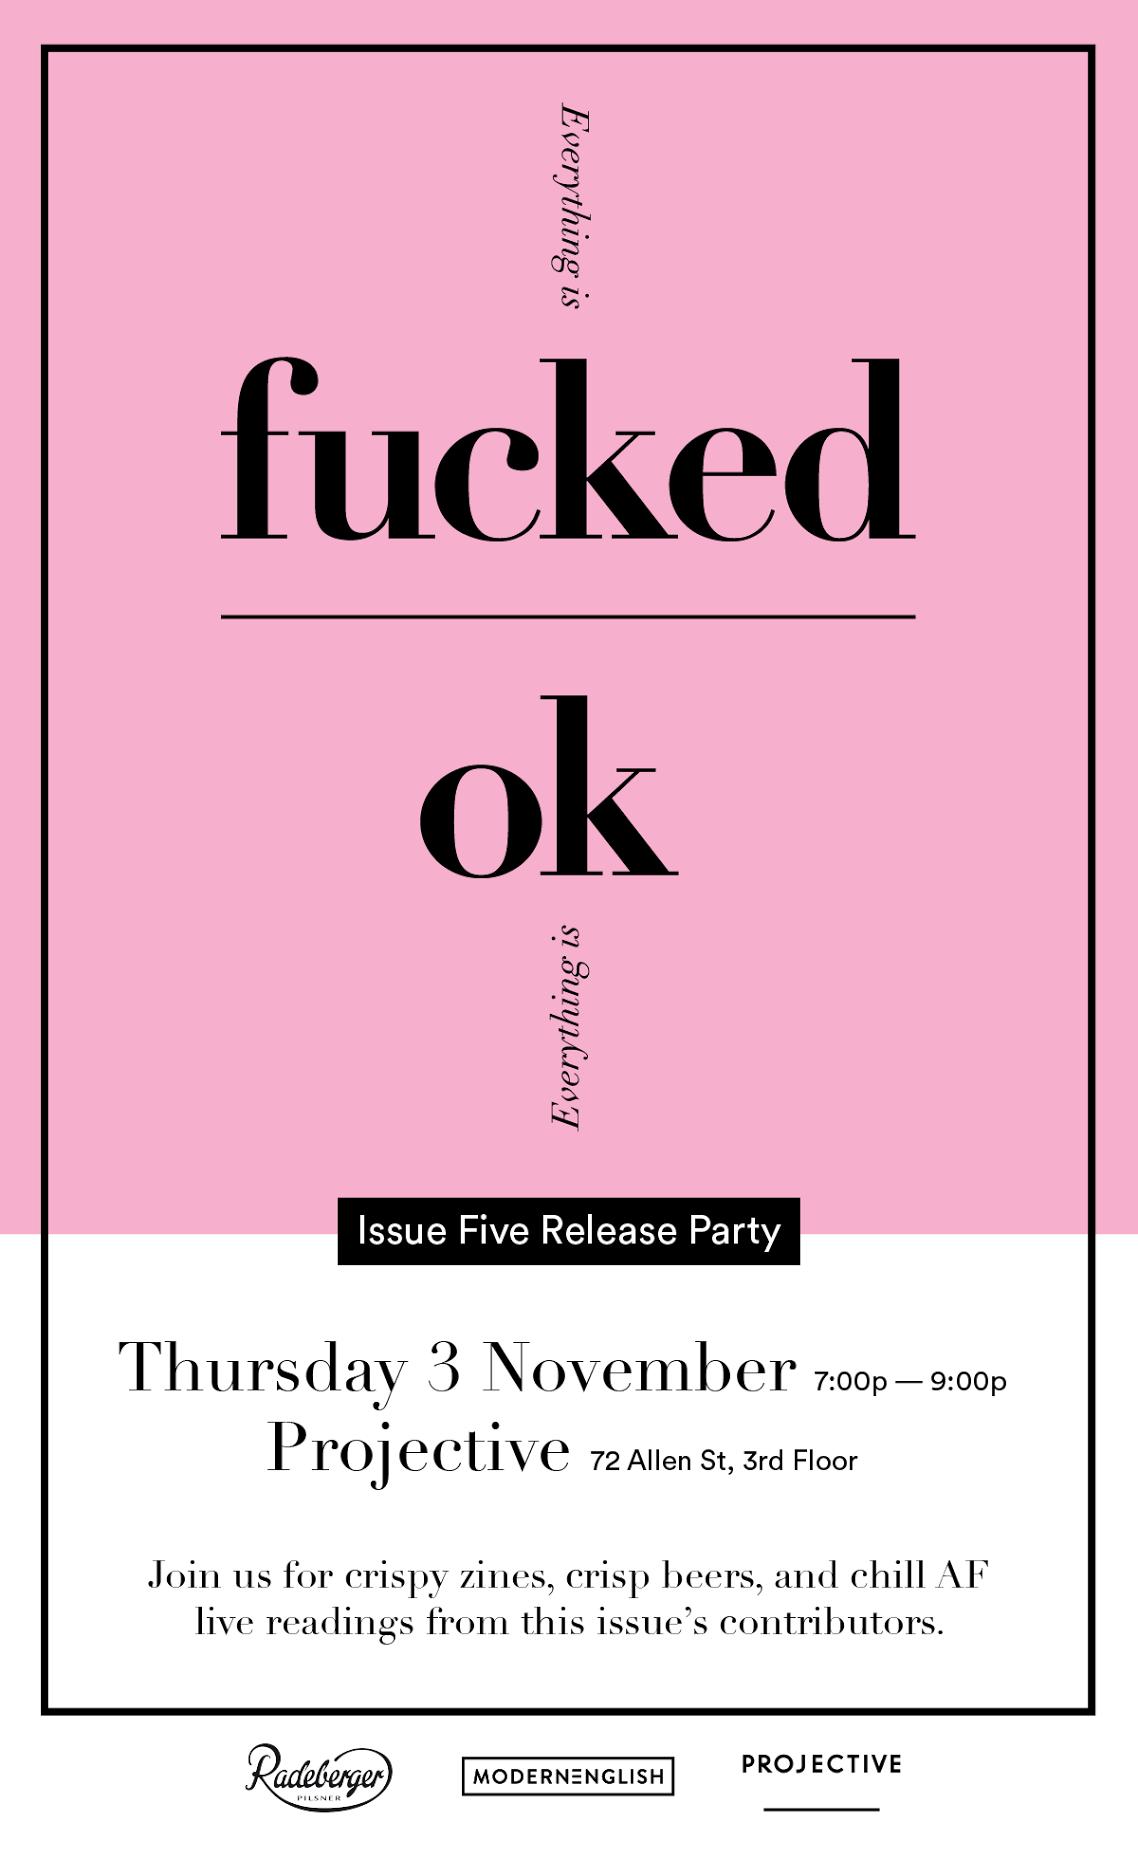 Issue Five invite